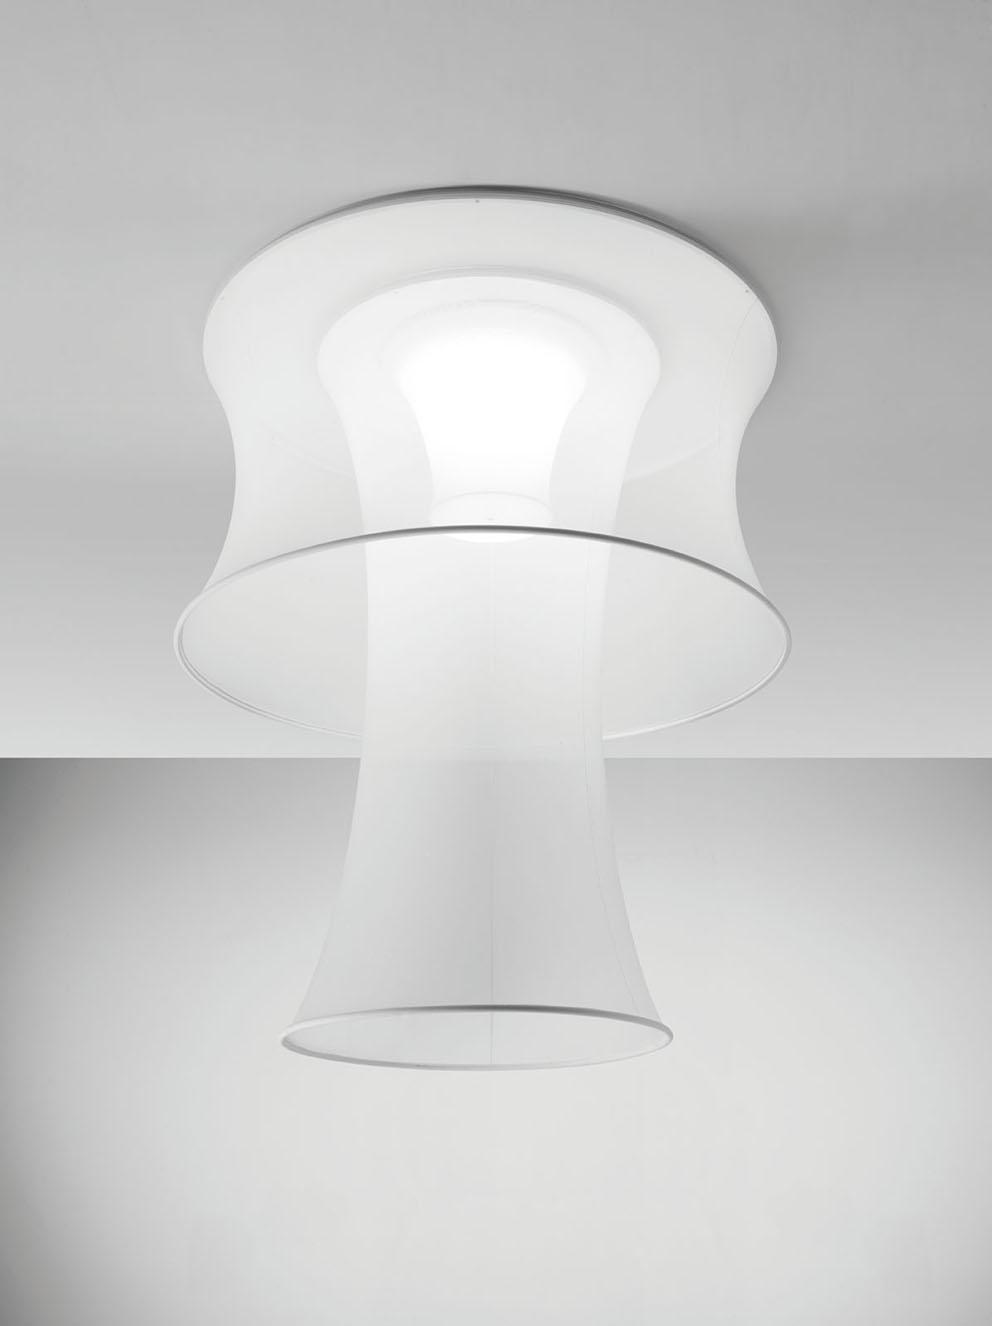 Eulerlightecture luci design axolight 5